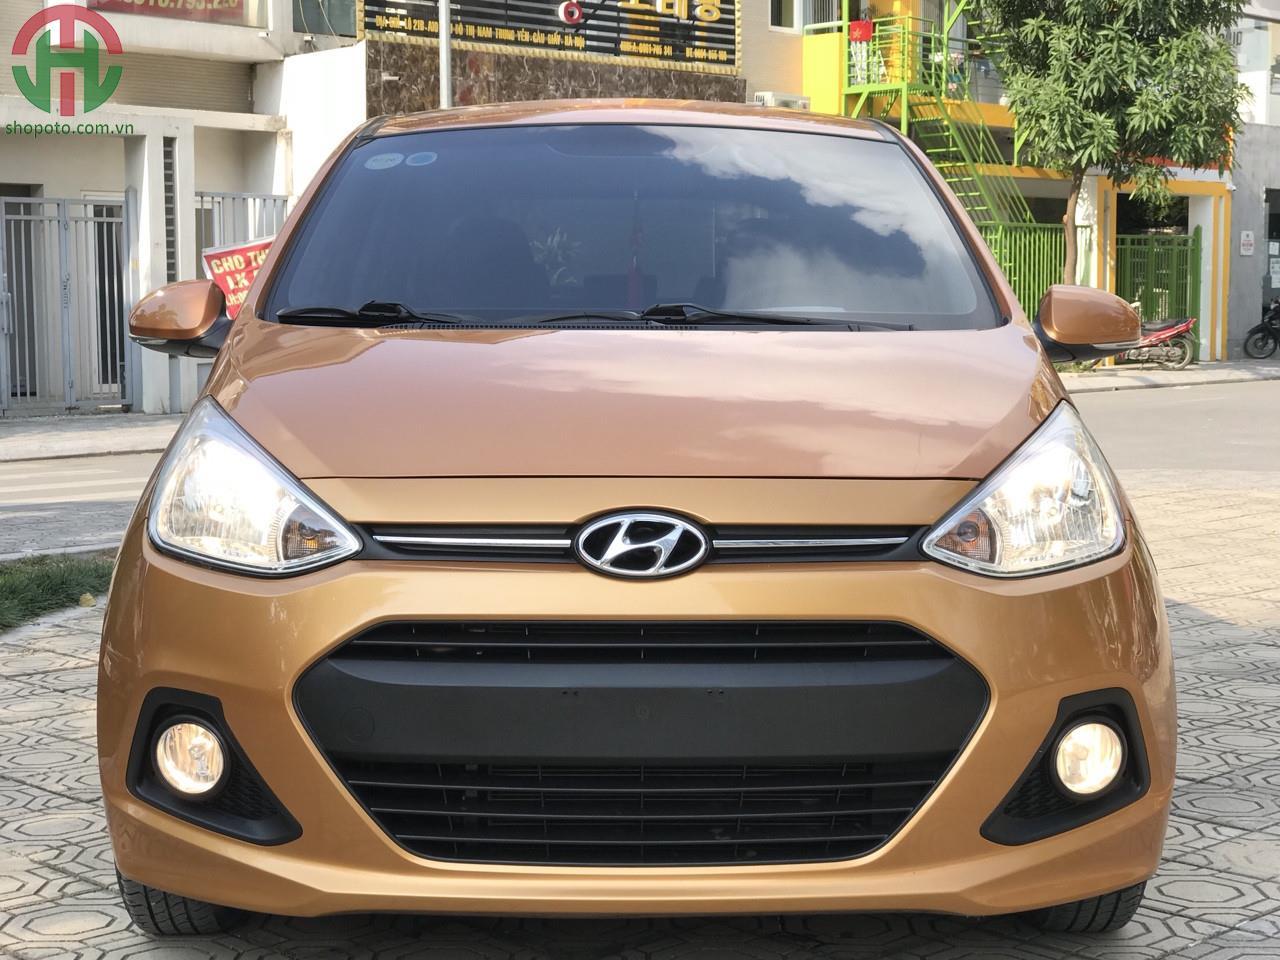 Hyundai I10 1.2 AT Hatchback 2015 màu Vàng Cam